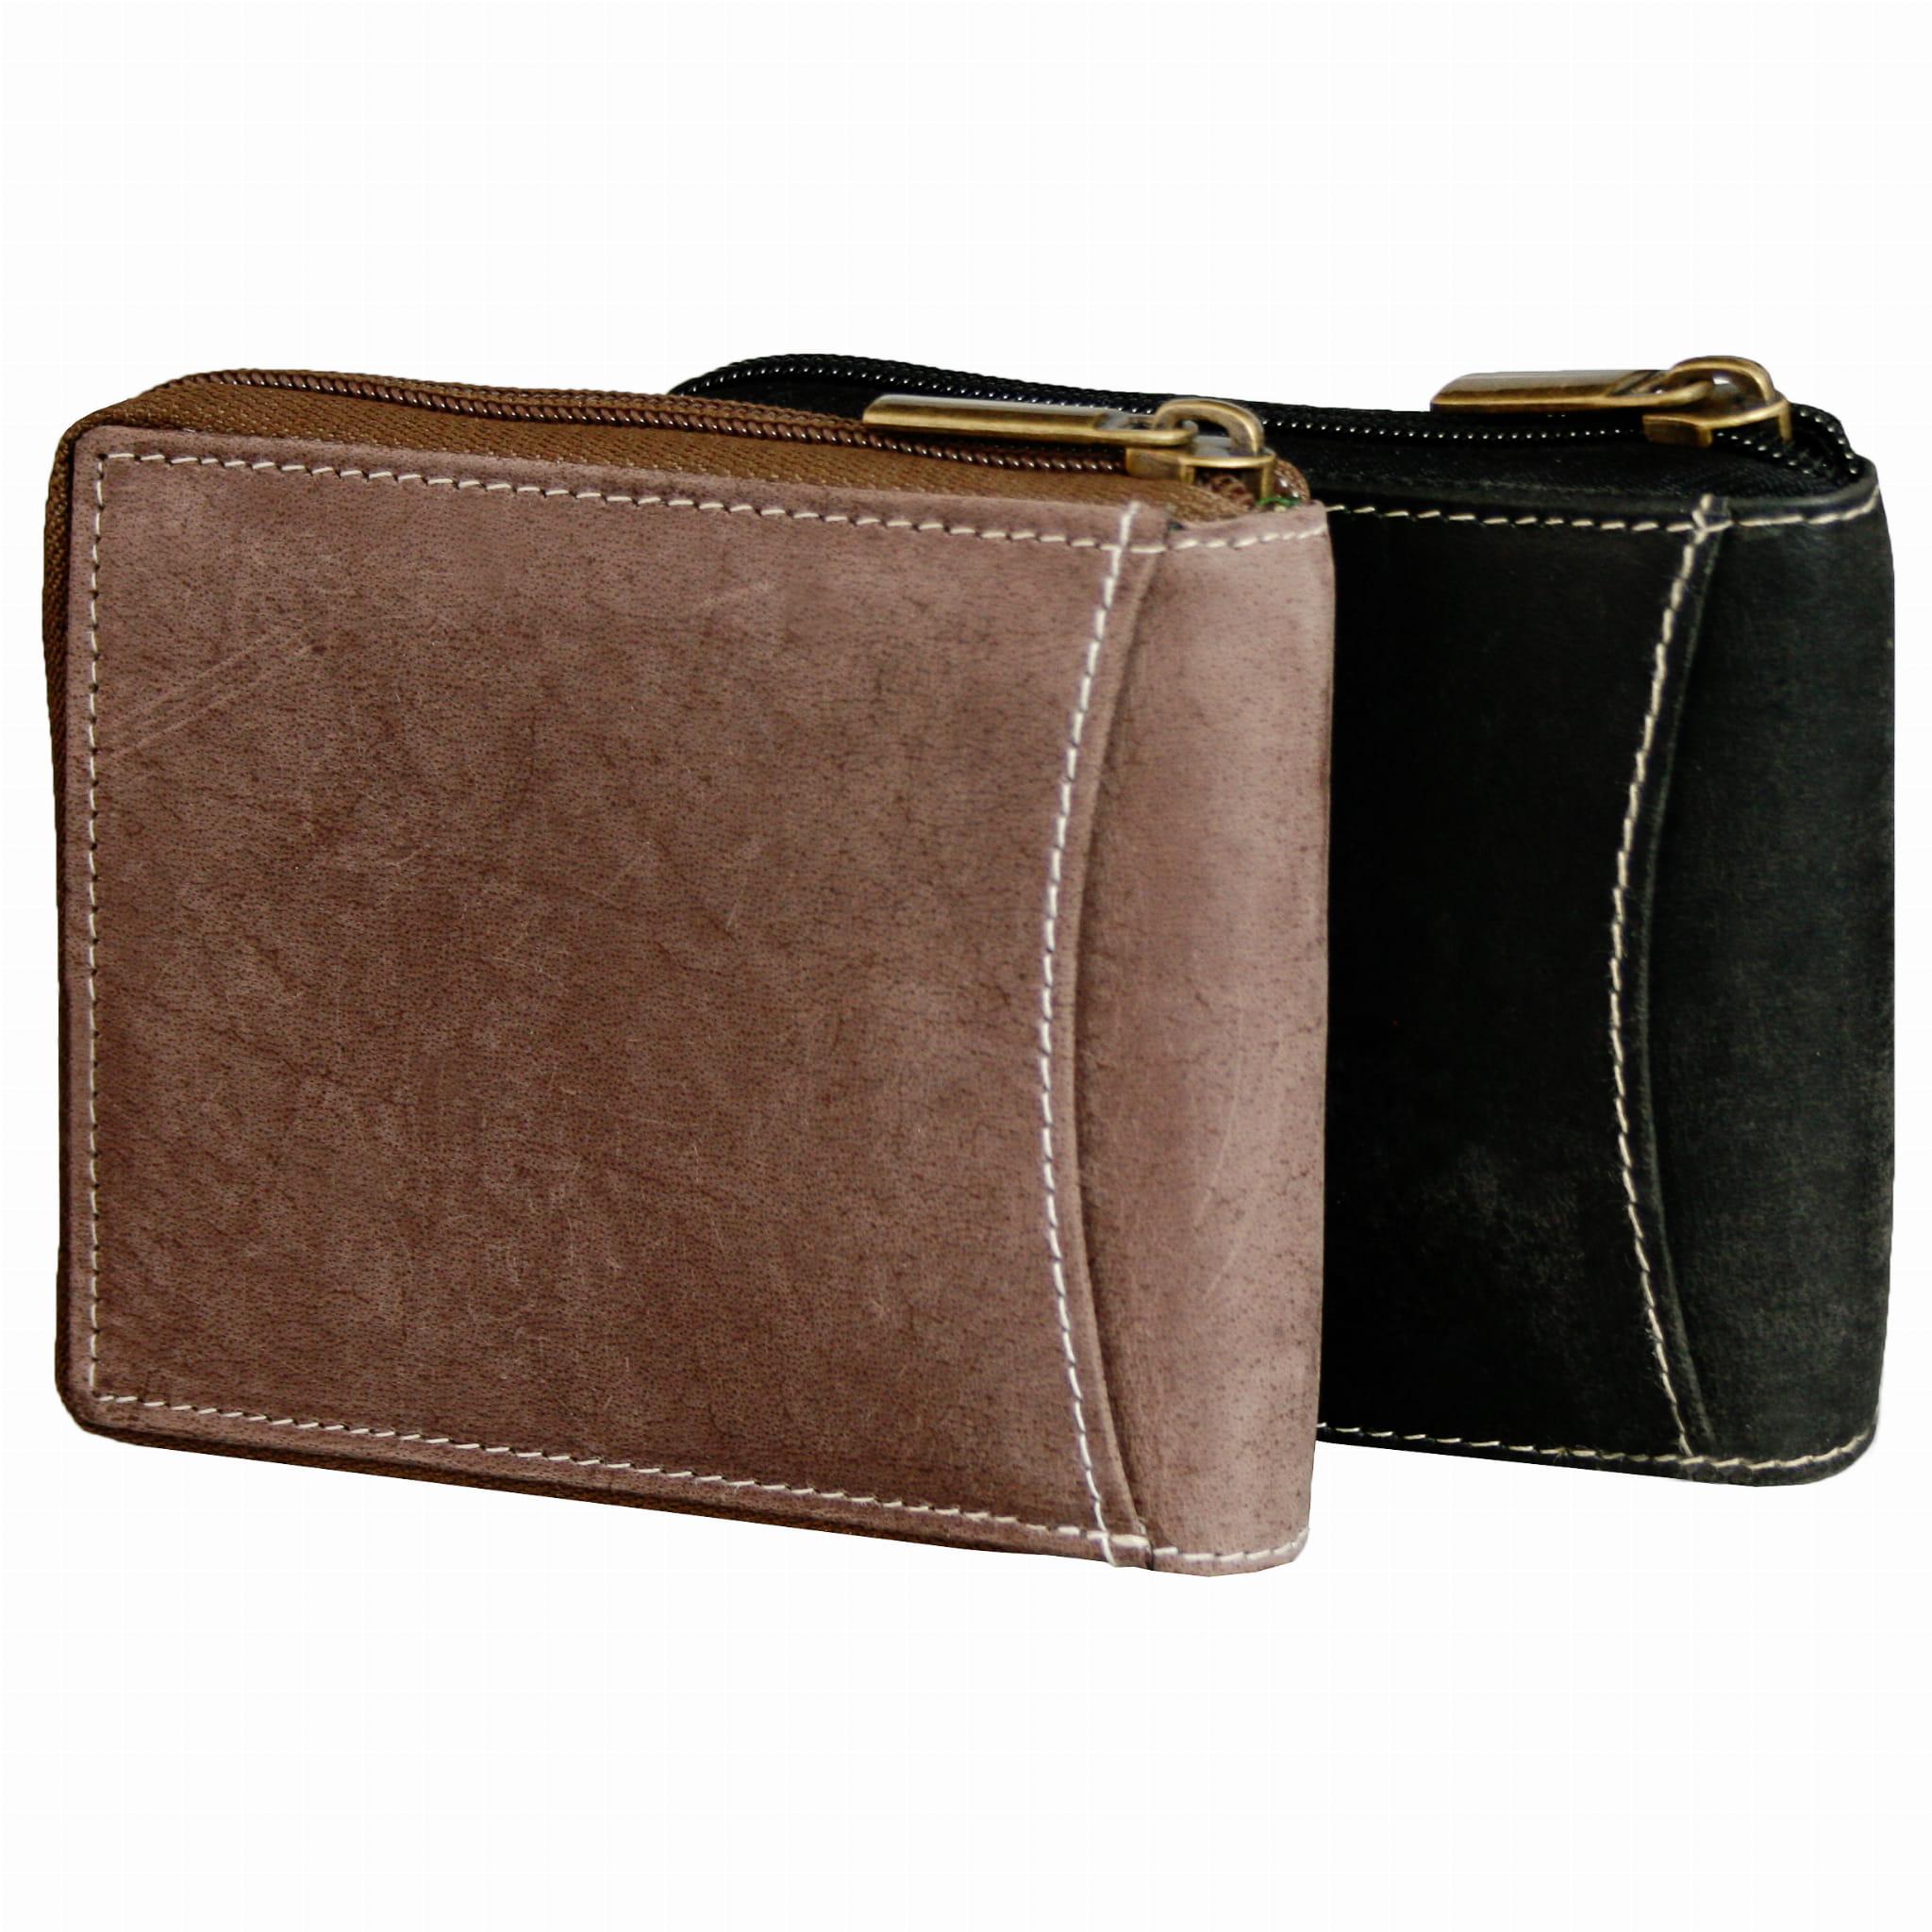 Skórzany portfel męski miękki zapinany poziomy